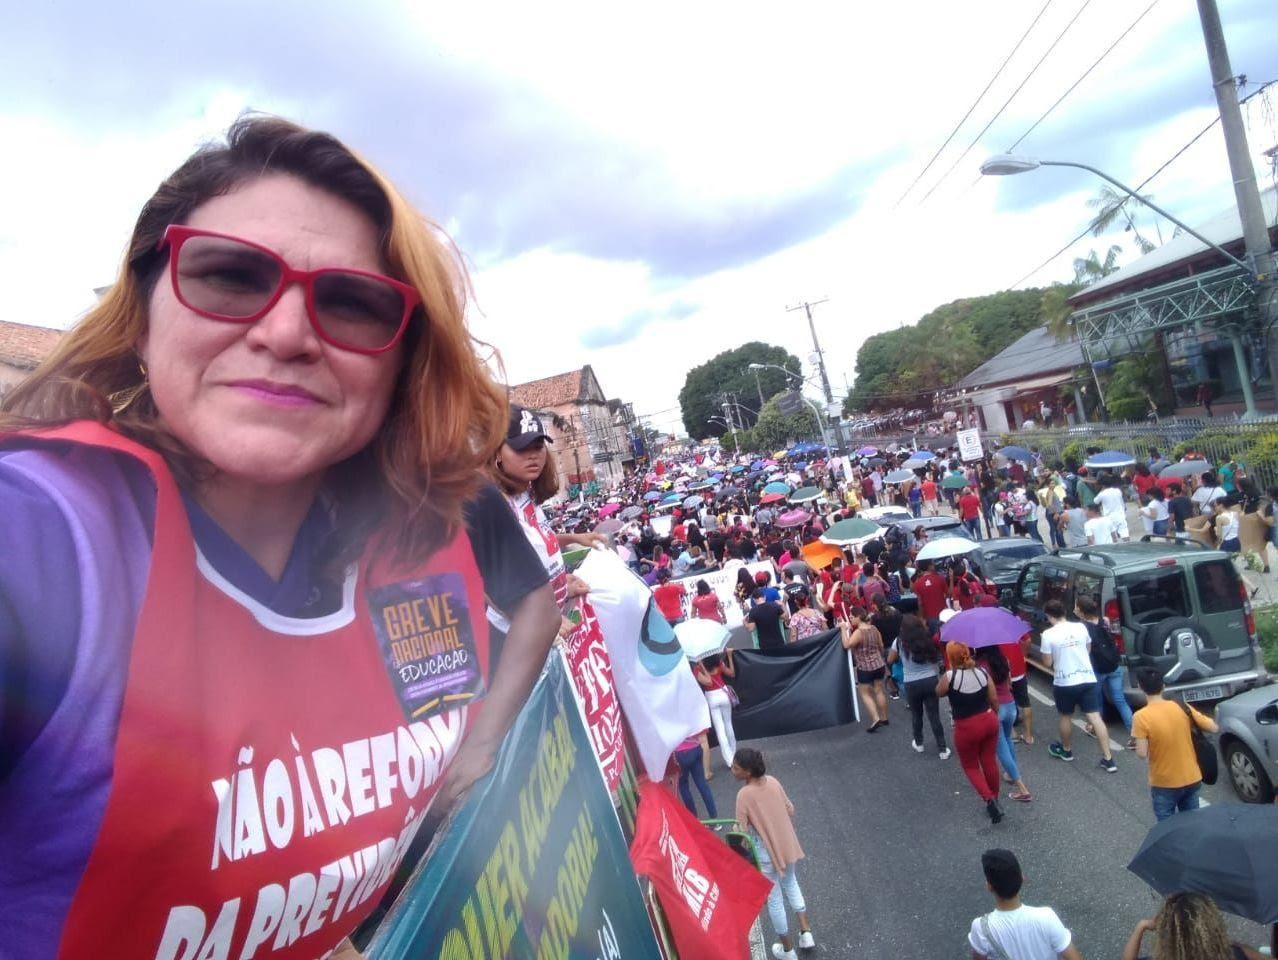 Silvia Leticia, de la Sindicato de Trabajadores de la Educación Pública de Belém, durante una marcha contra los recortes presupuestales